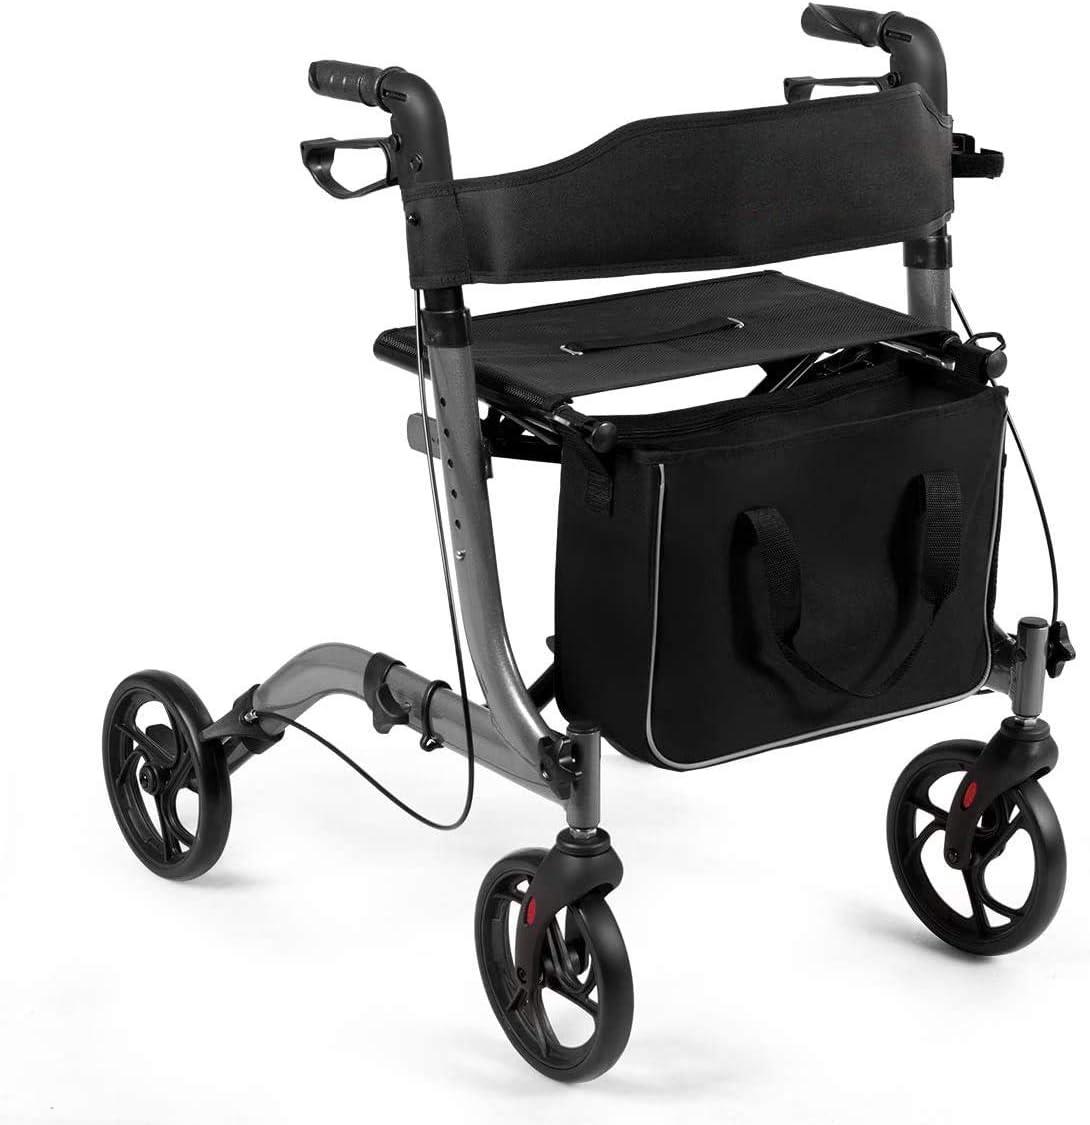 COSTWAY Andador de Aluminio Andador Plegable Ligero Ajustable con Bolsa de Almacenamiento para Mayores y Adultos